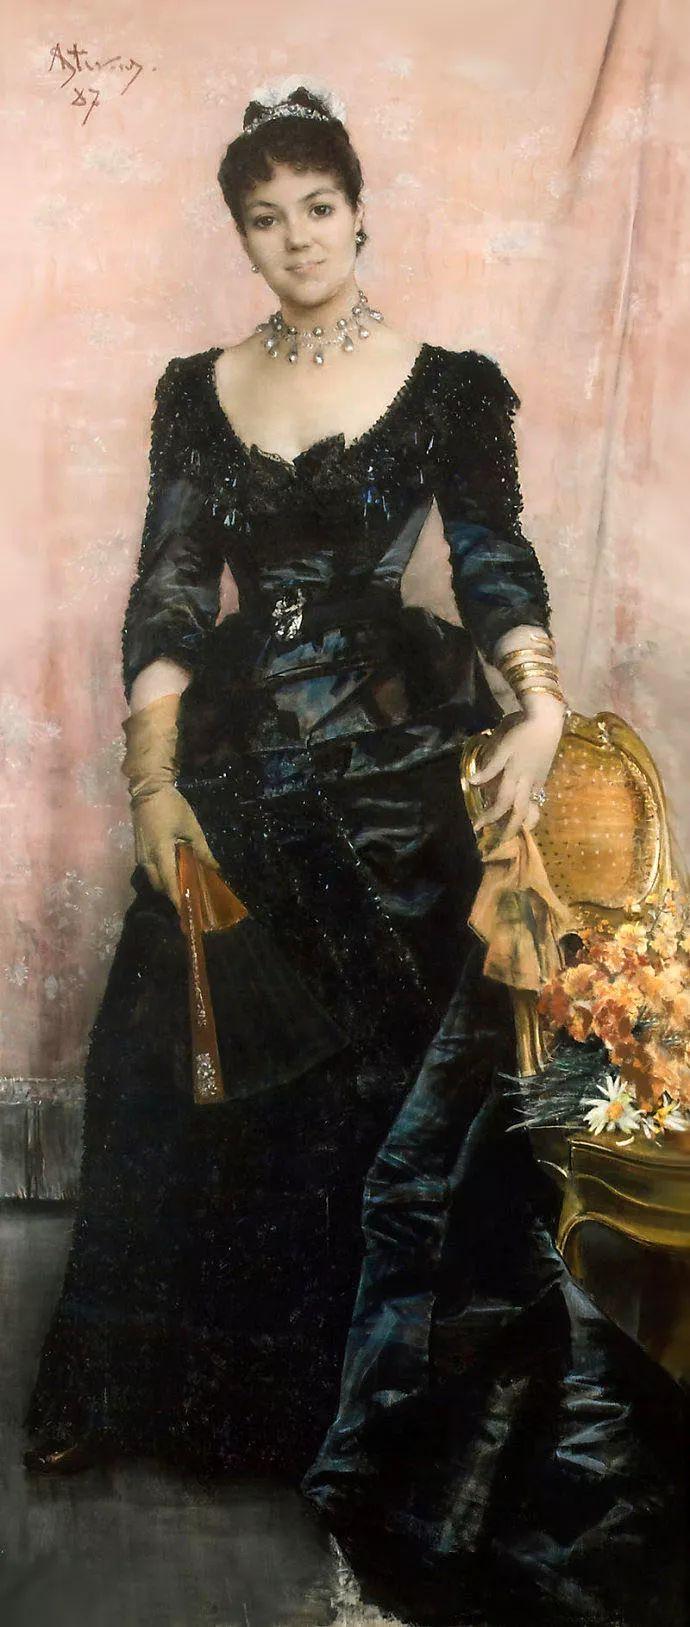 画中女子美丽优雅 个个身穿华丽有质感的服装插图115